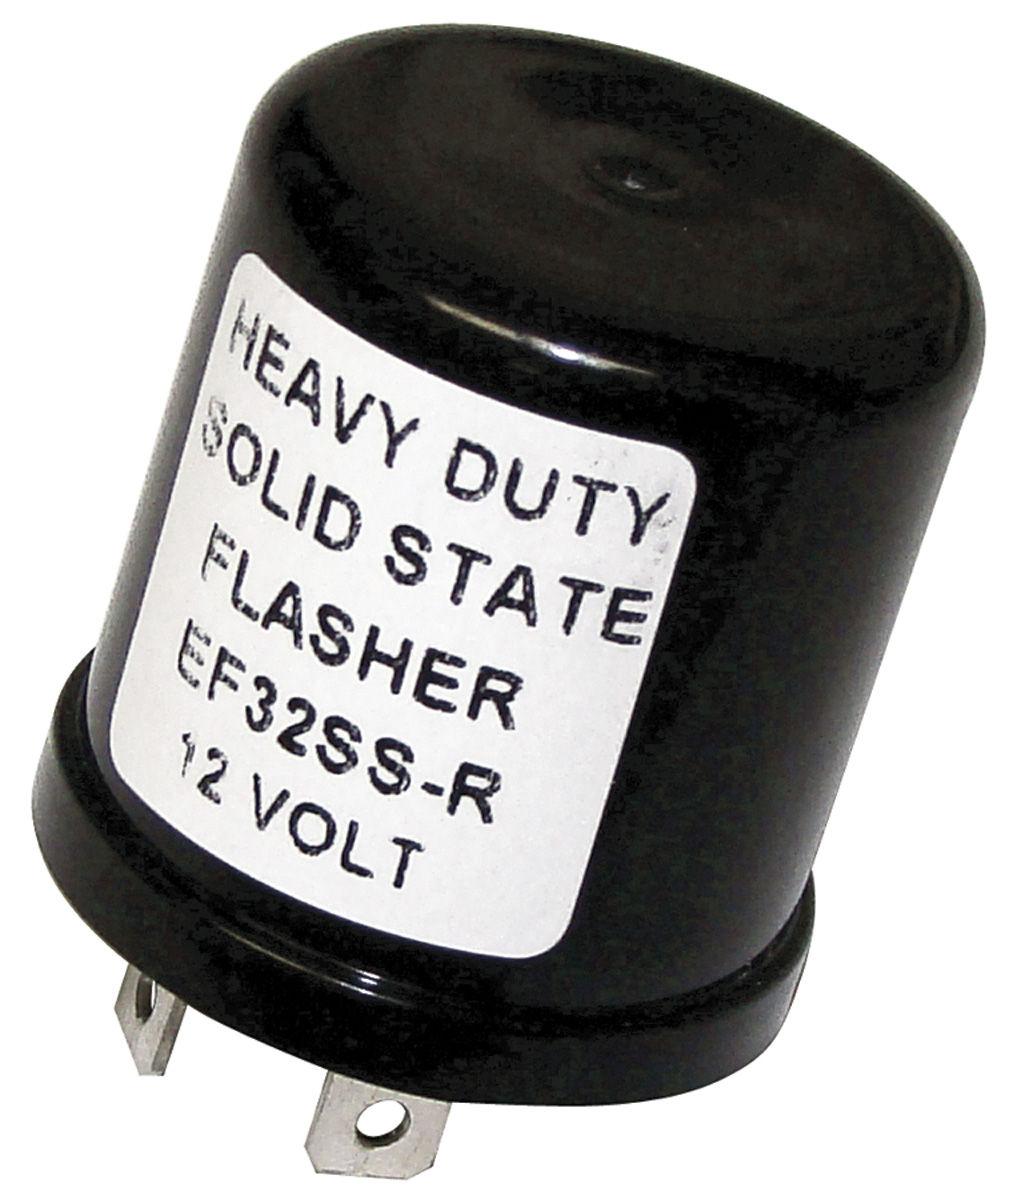 1954-93 Eldorado Flasher Canister, LED Lamp